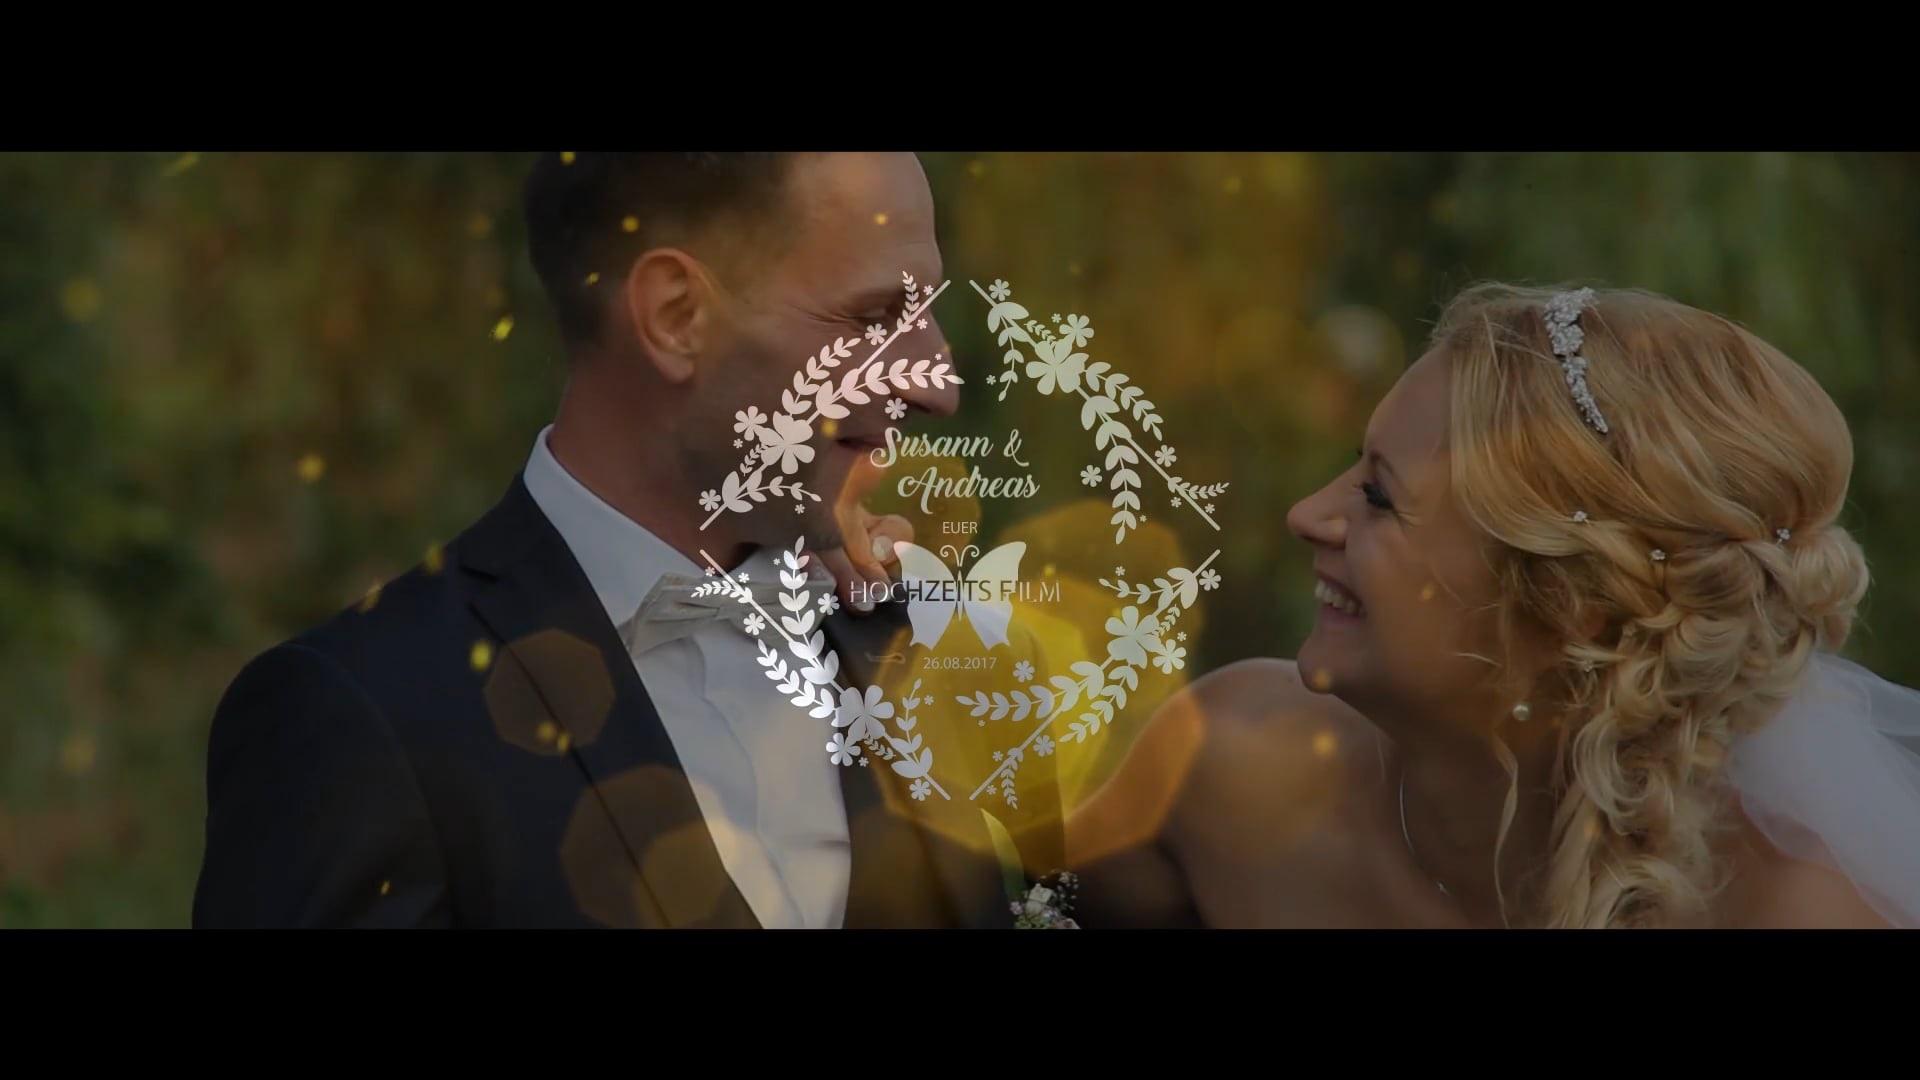 Andreas und Susanns Hochzeitsfilm